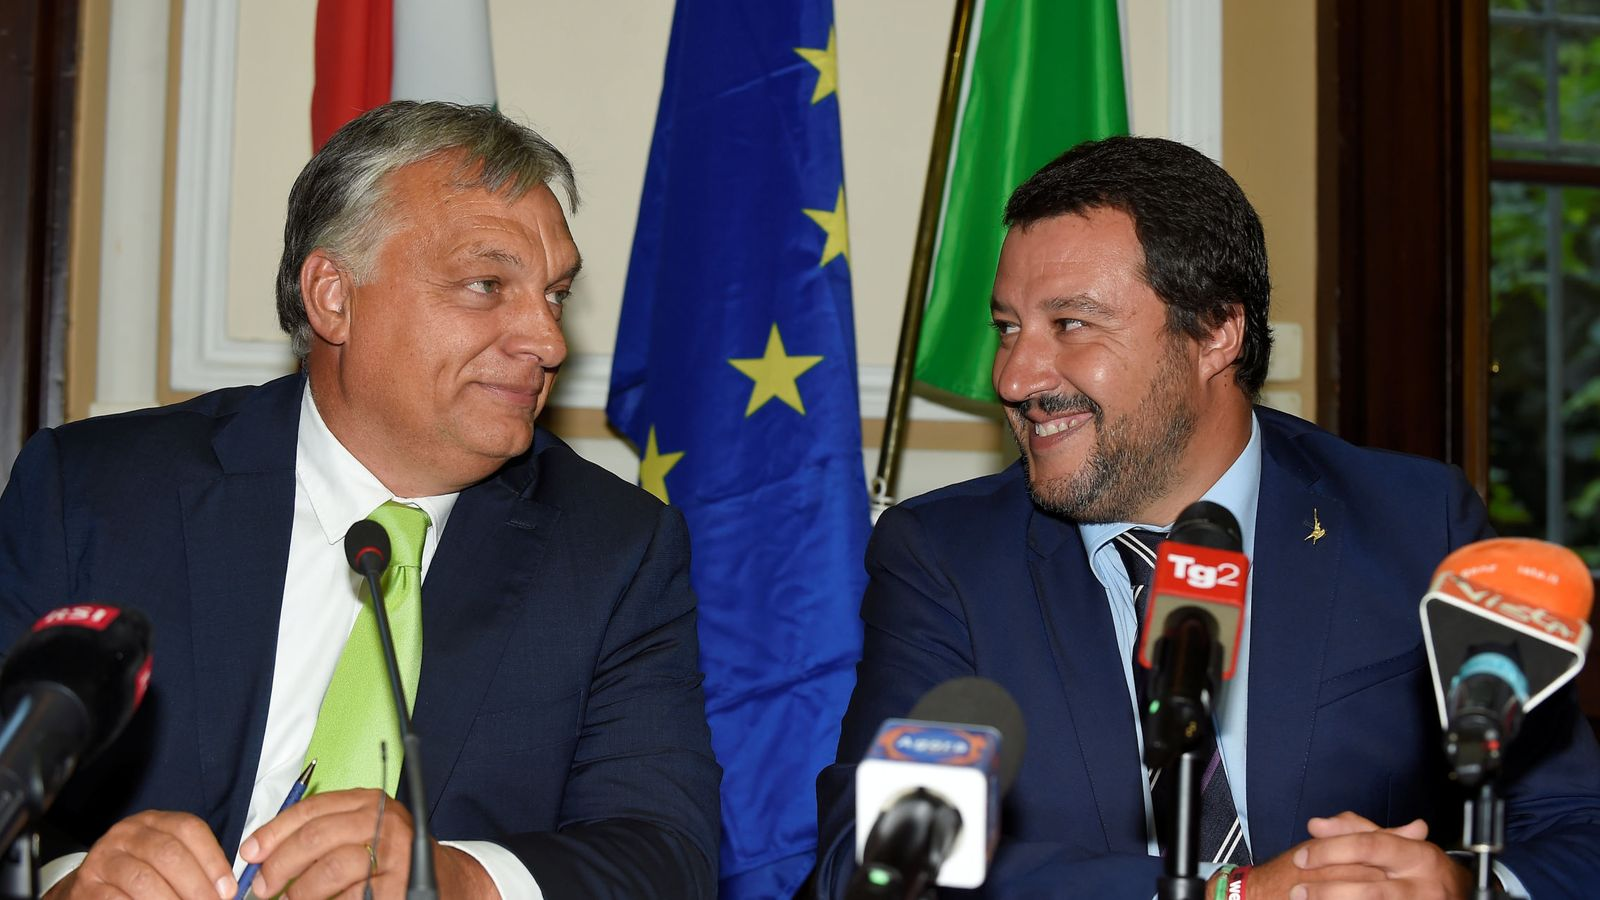 Foto: El ministro del Interior Matteo Salvini durante su encuentro con el primer ministro húngaro, Viktor Orban, en Milán. (Reuters)